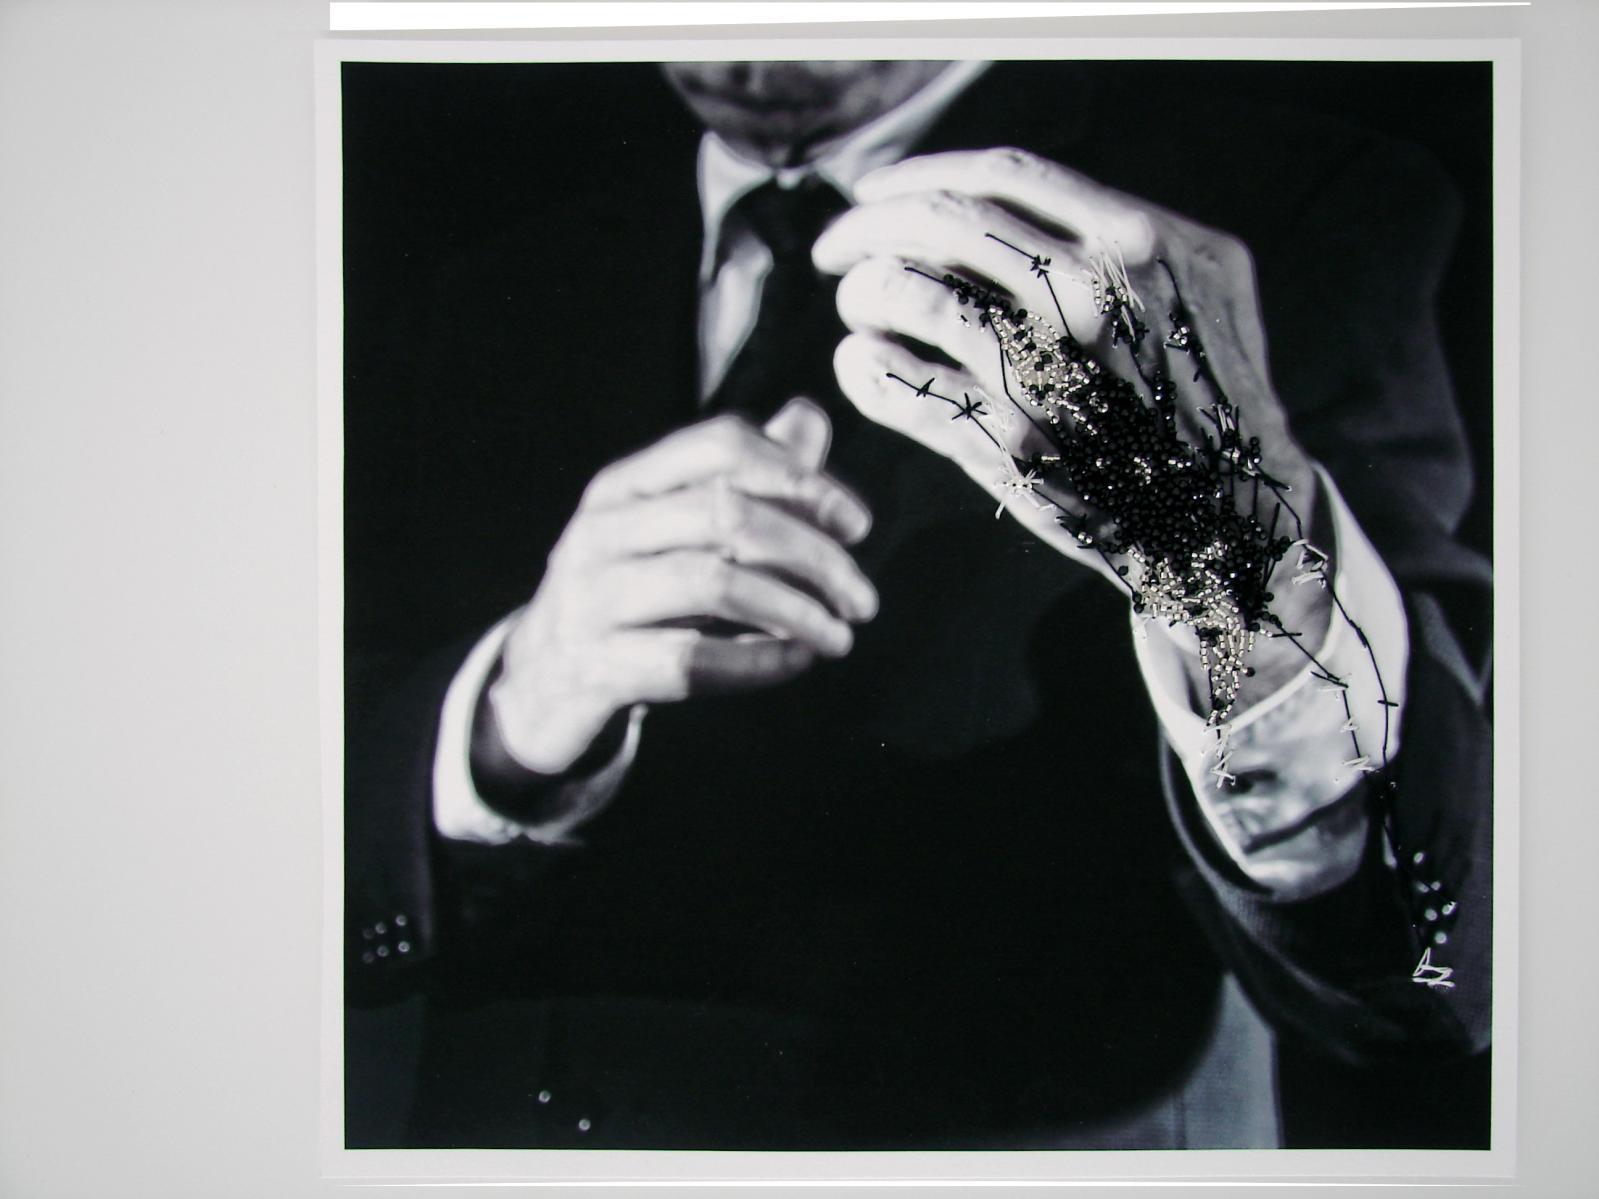 Jorge Molder et Capucine Herveau pour Double Je, Photographie brodée, Palais de Tokyo, 2016, photographie sur papier, perles de verre, perles facettes